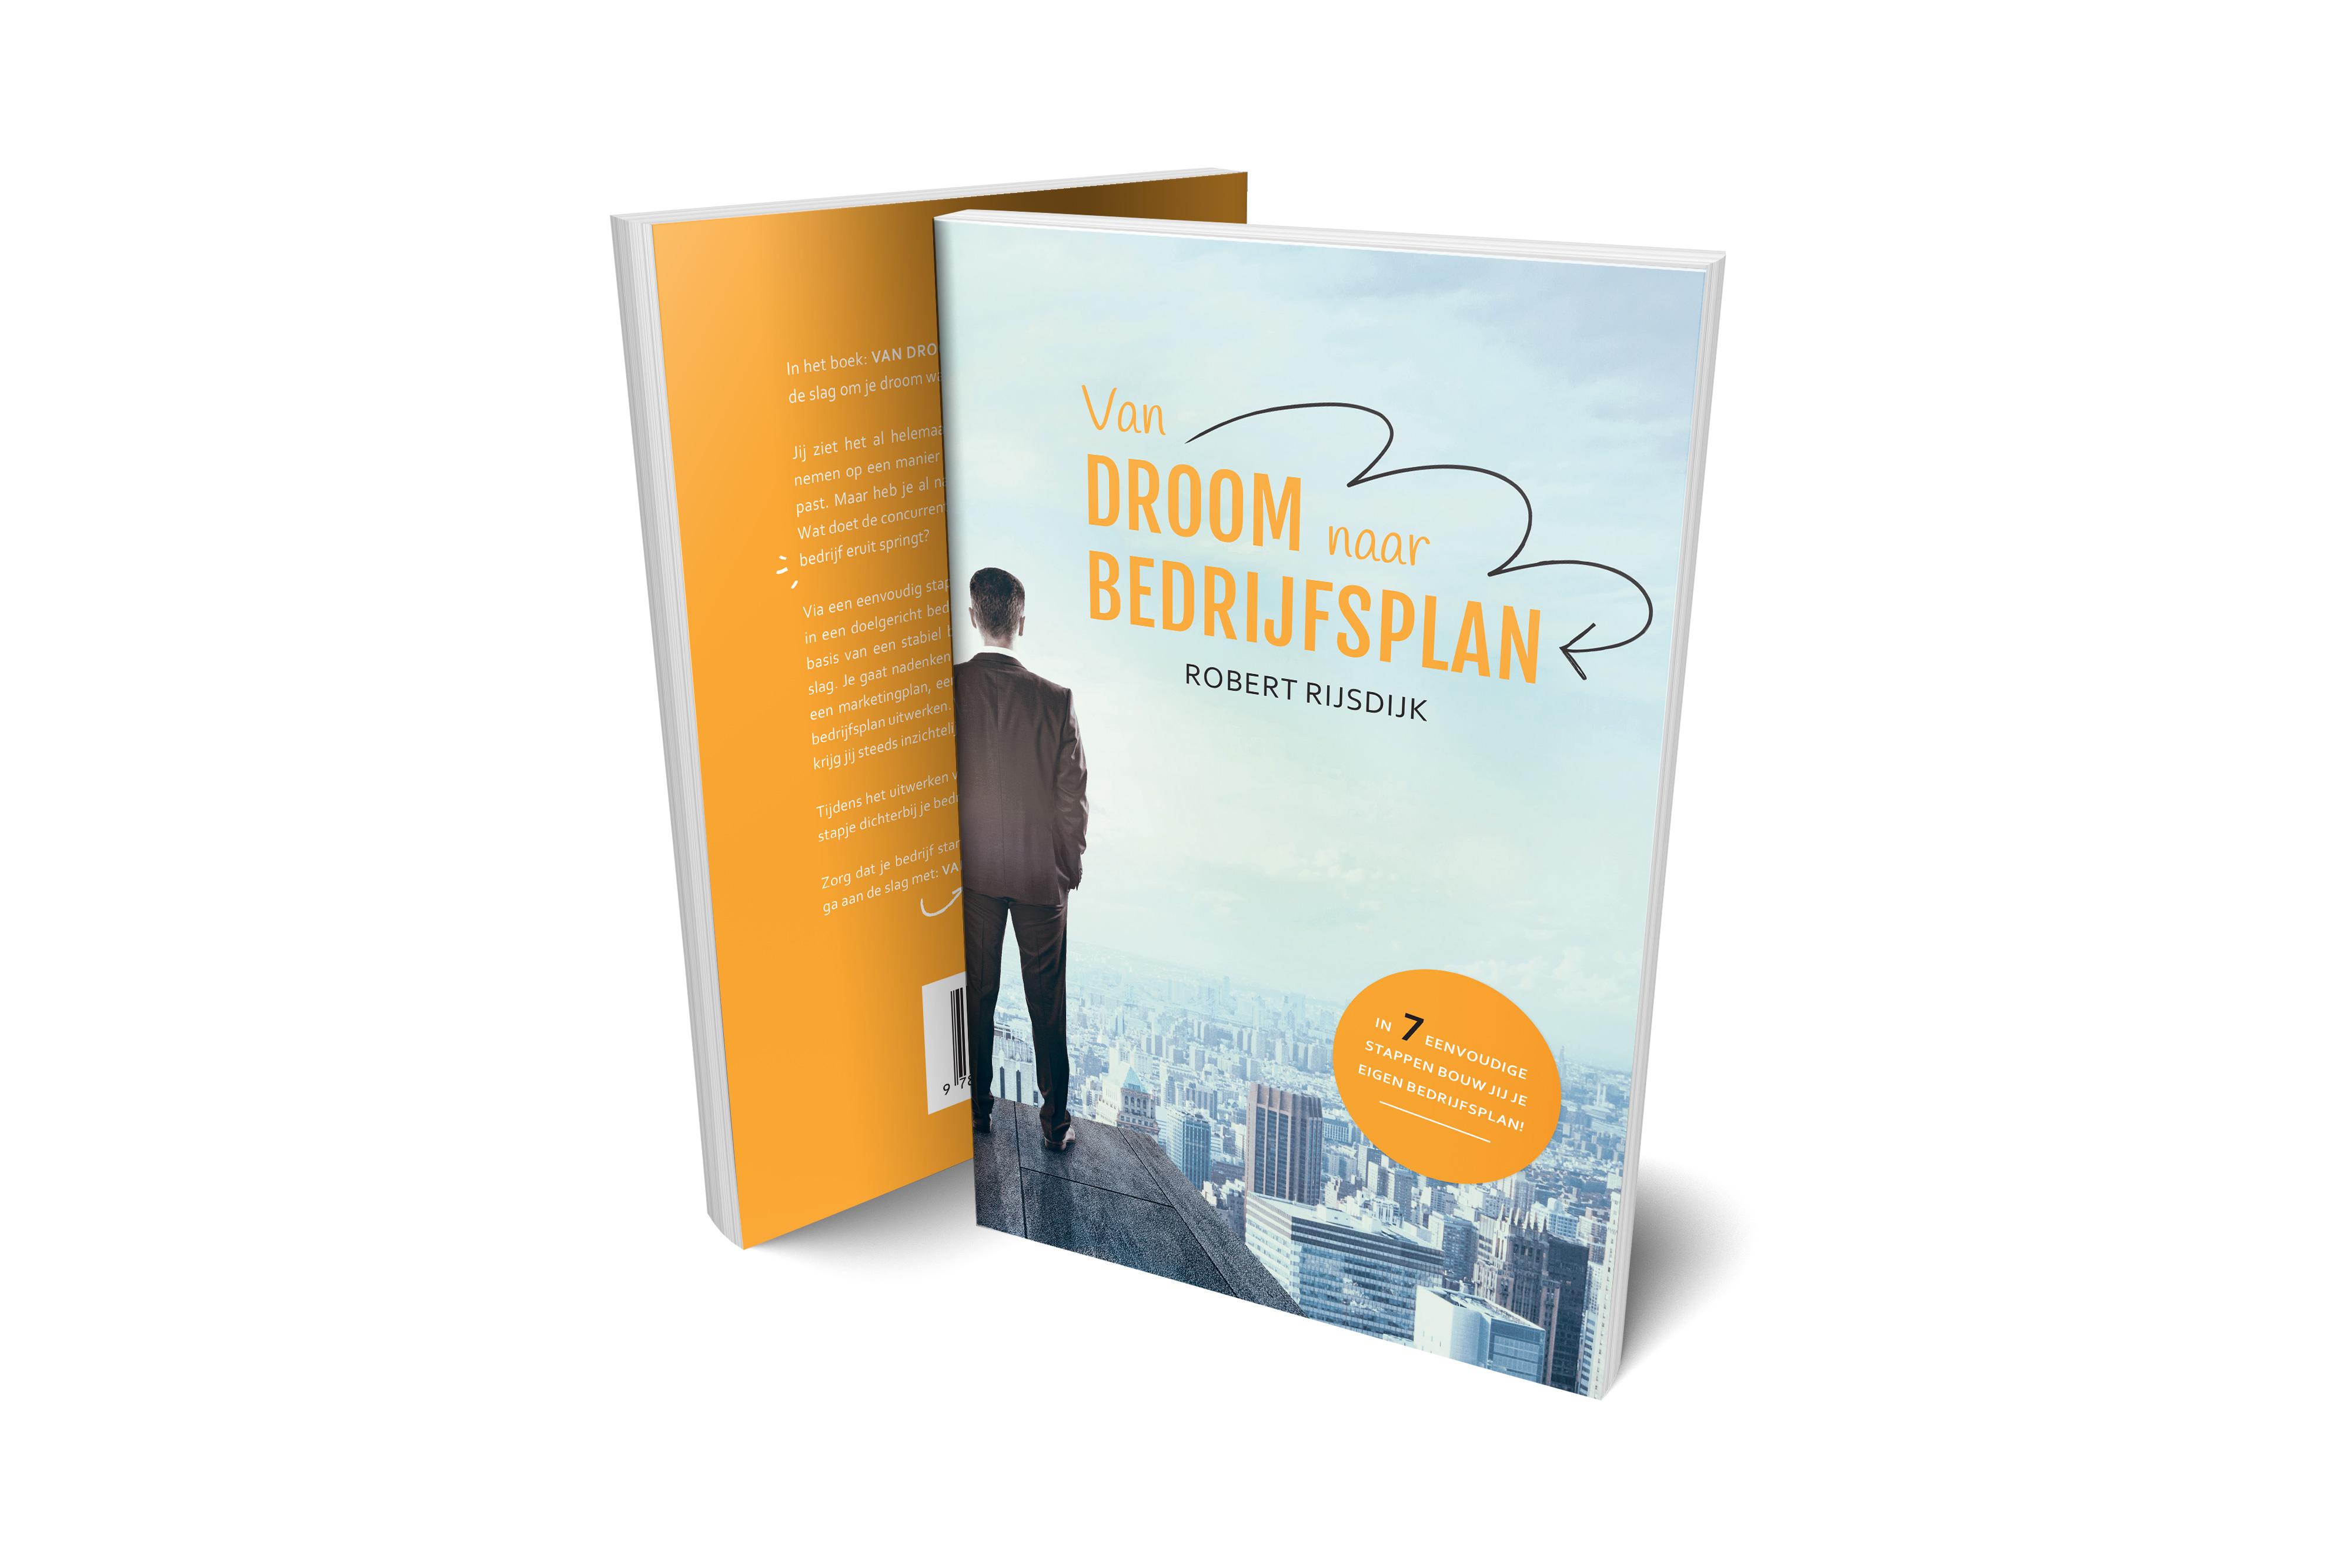 E-Book: Van droom naar bedrijfsplan